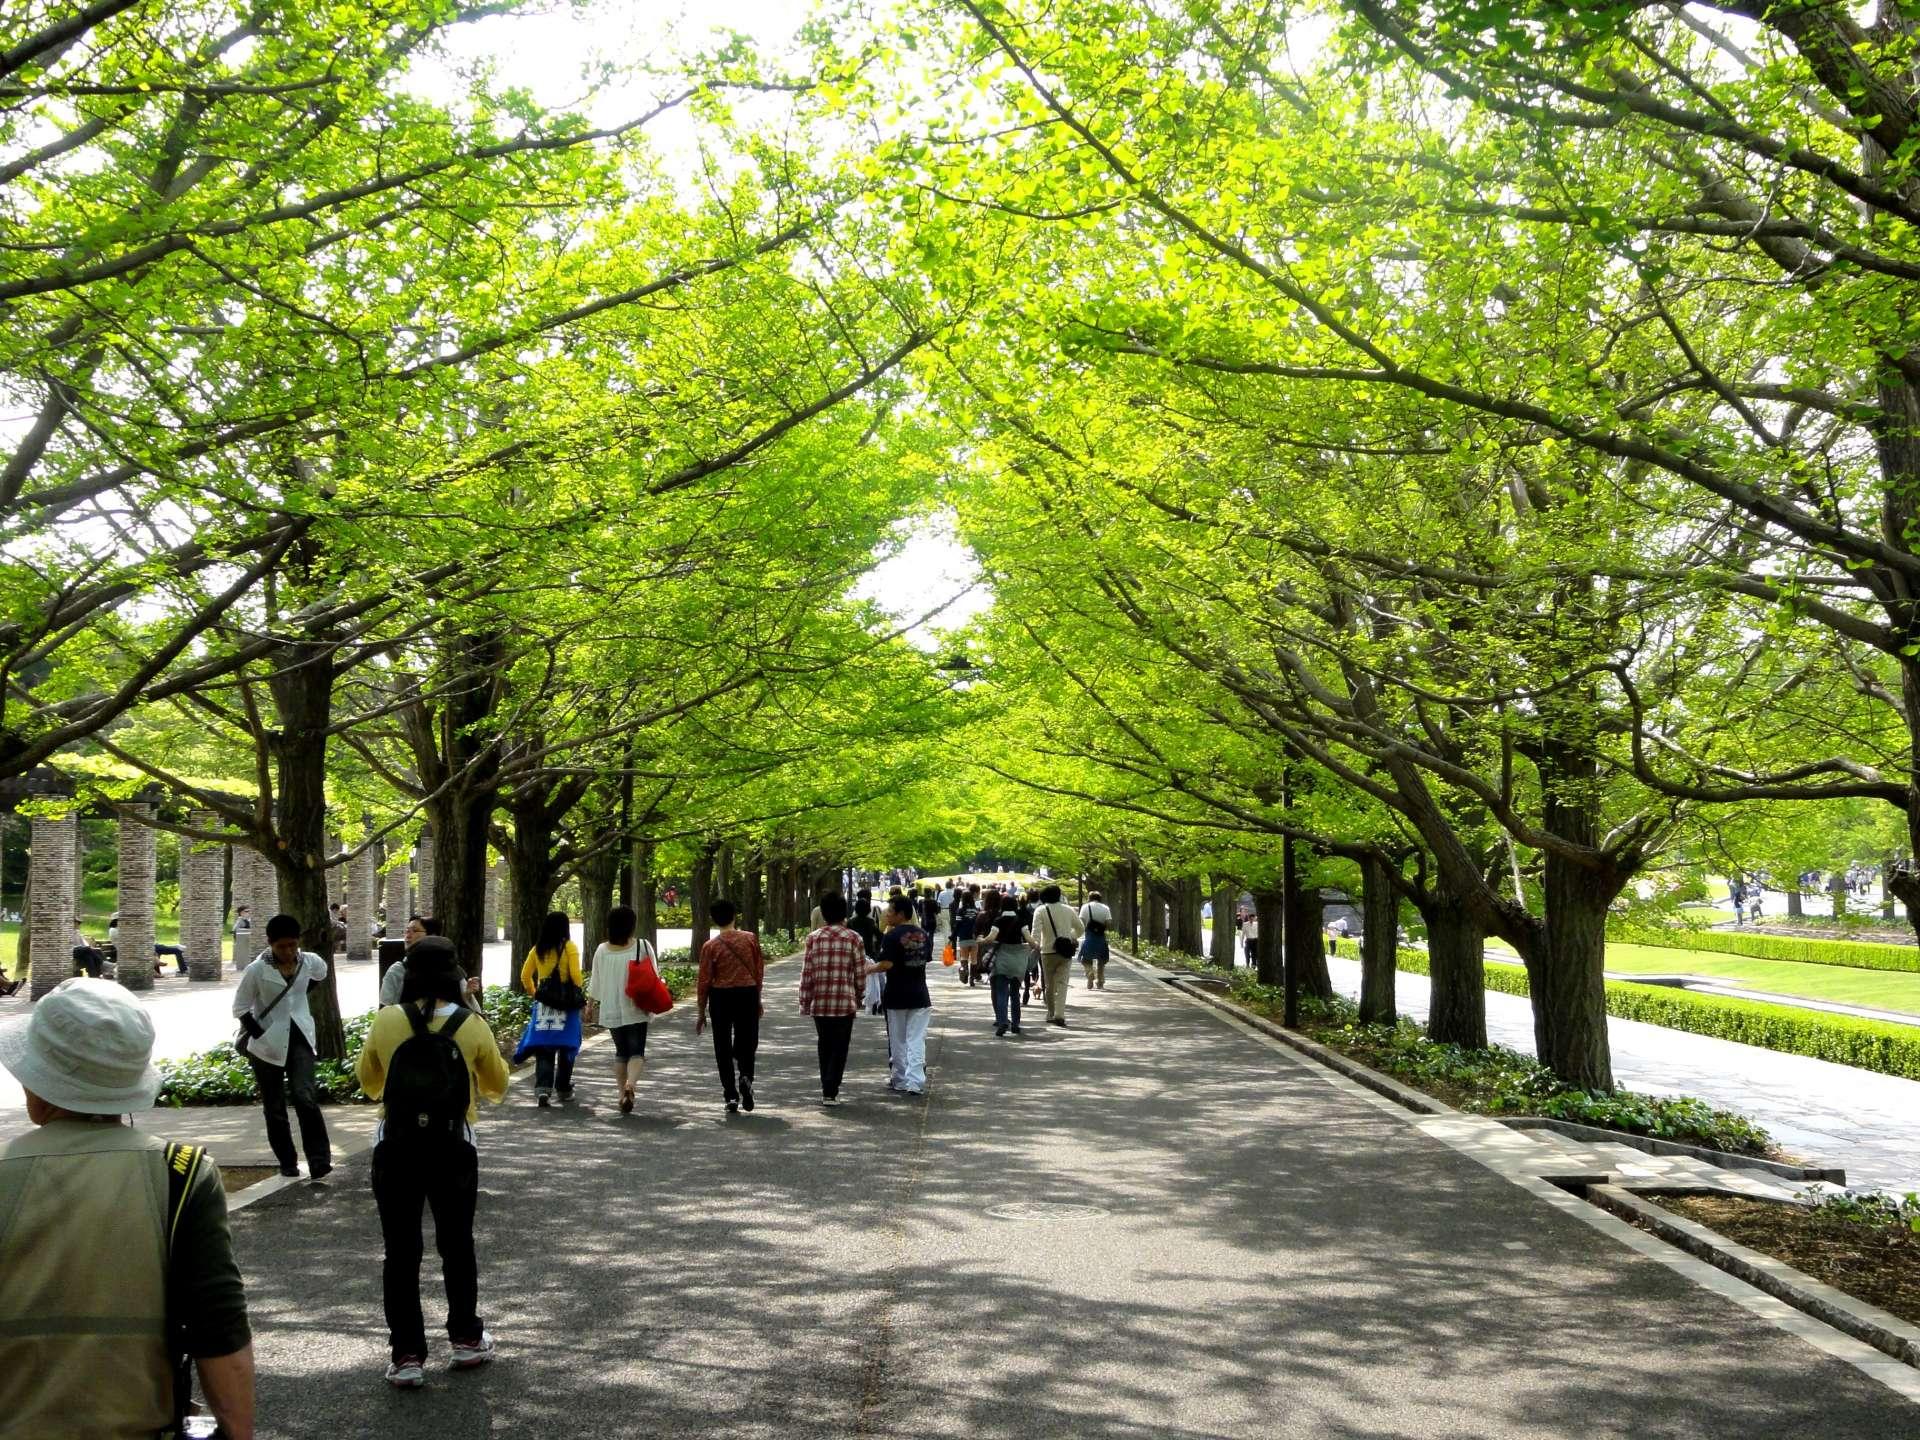 黃金週期間 新綠染成的銀杏大道